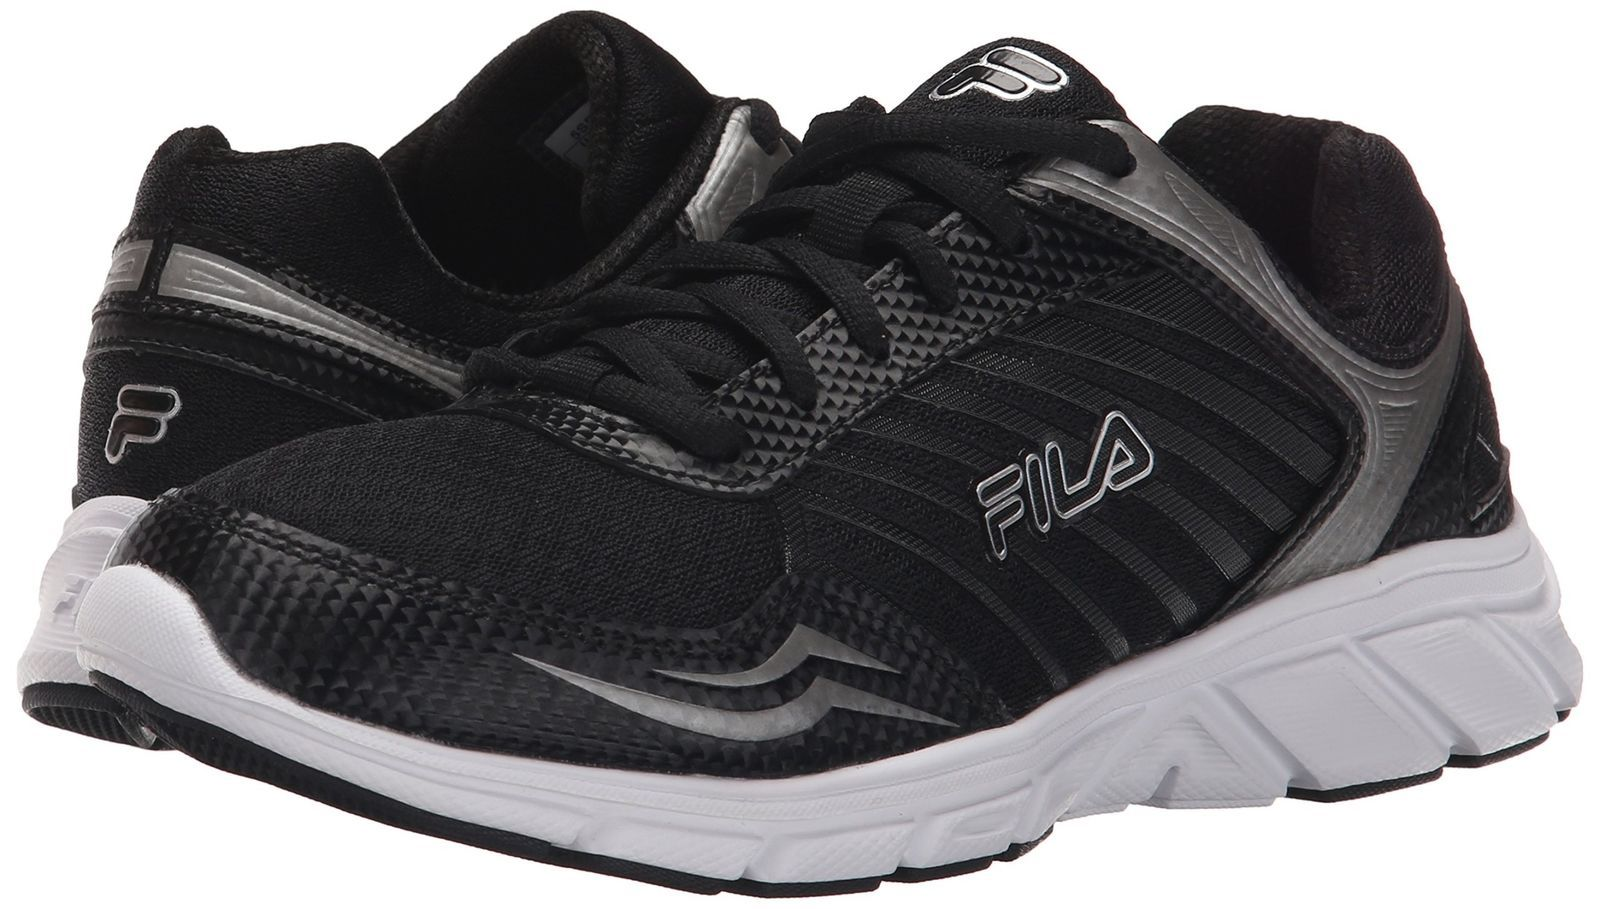 d404f5ed67ec Fila Women s Gamble Running Shoe